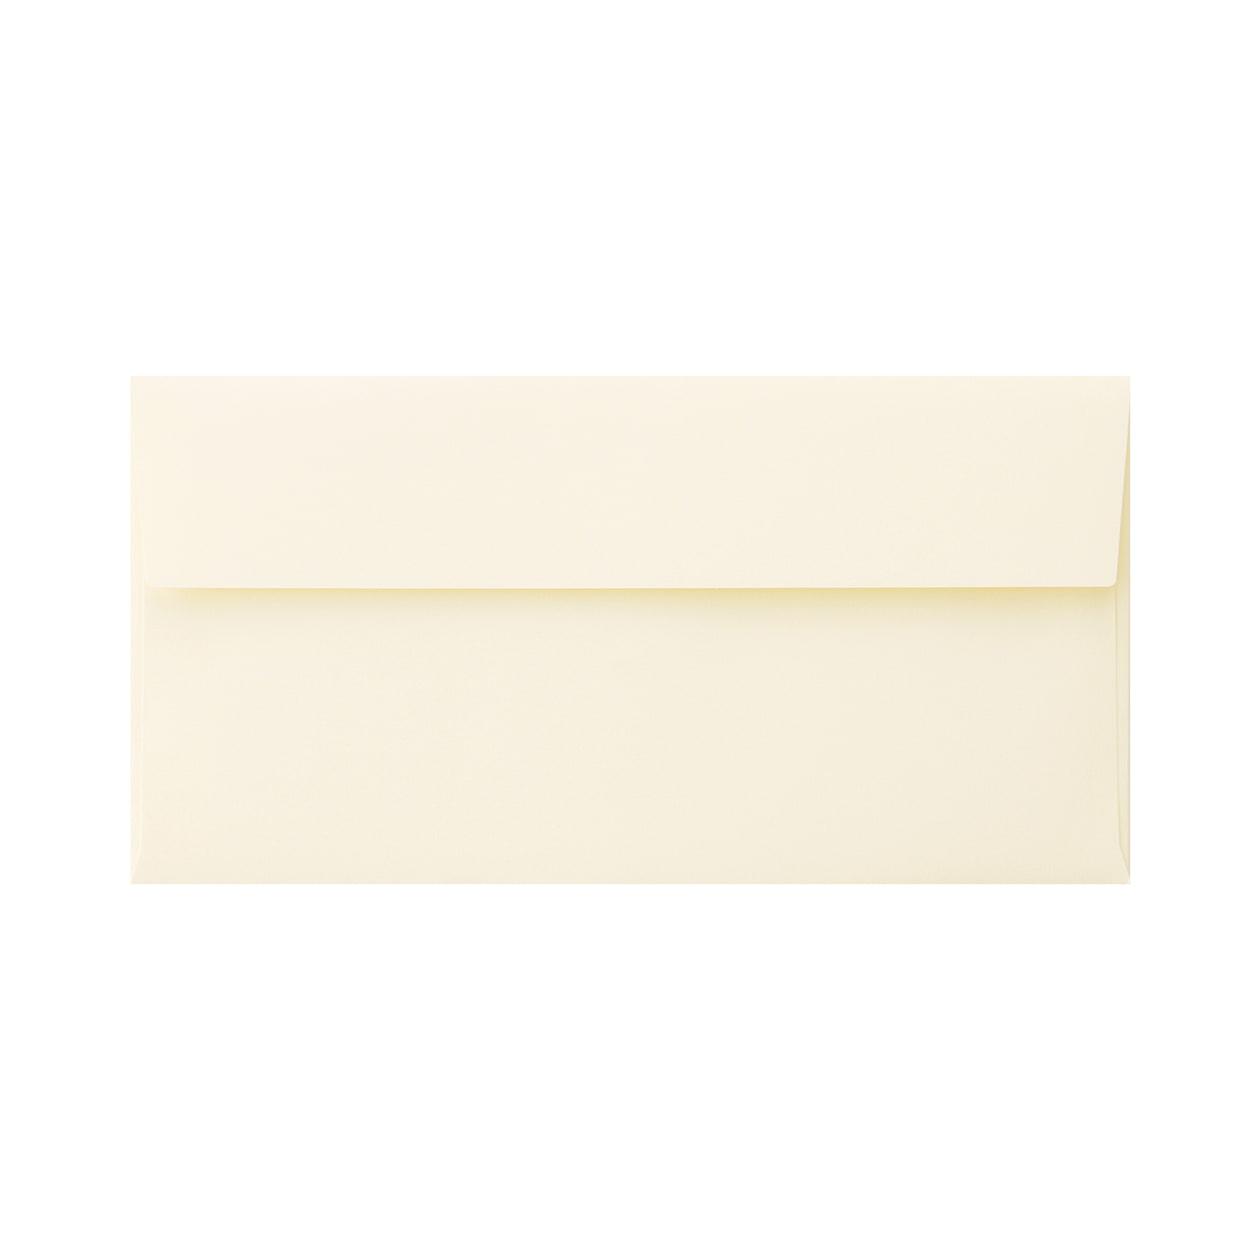 長3カマス封筒 コットン ナチュラル 116.3g